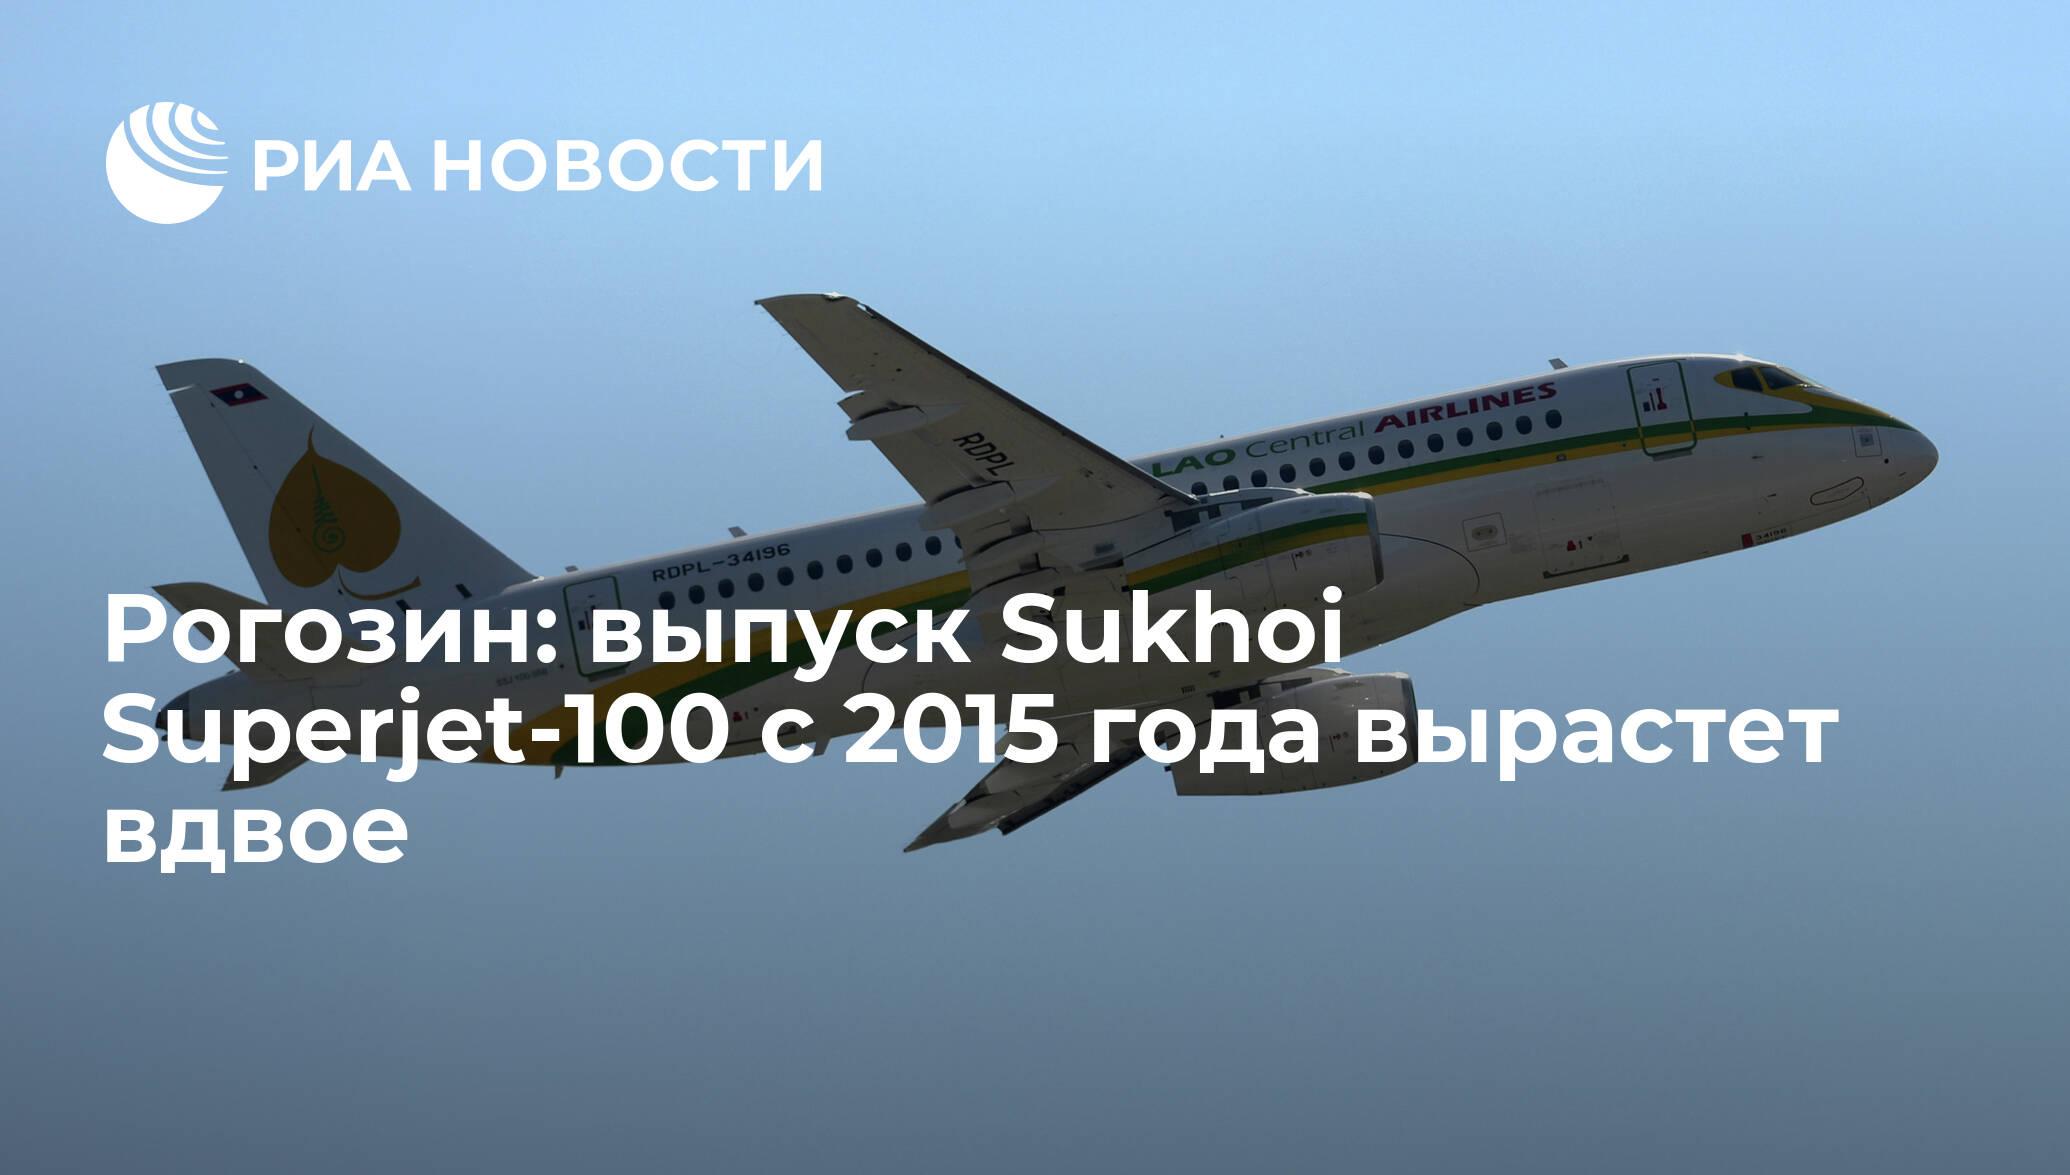 Рогозин: выпуск Sukhoi Superjet-100 с 2015 года вырастет вдвое